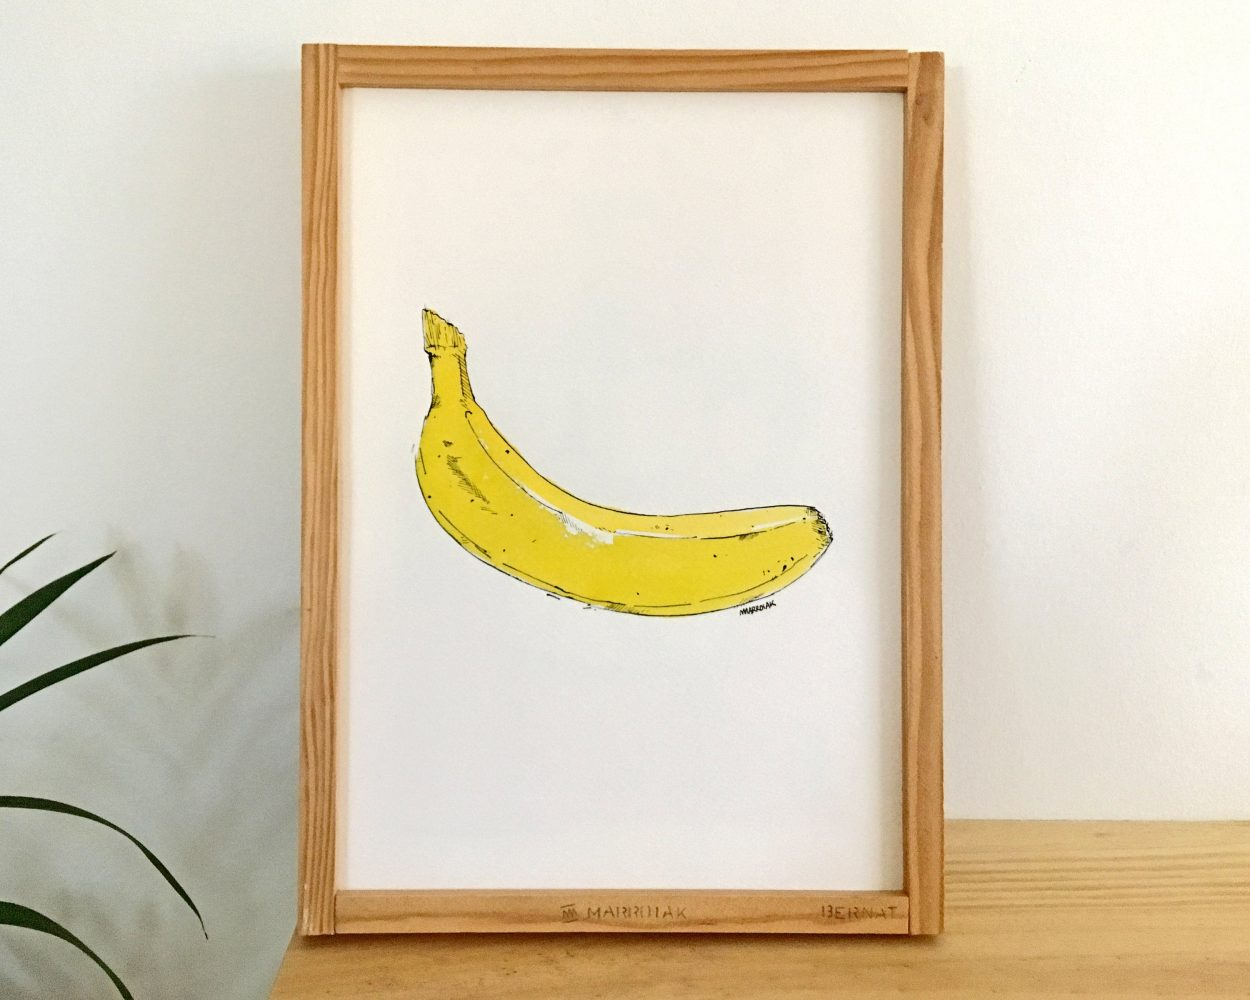 Dibujo original enmarcado de un plátano o banana en acuarela y tinta sobre papel - Recuerda al de la Velvet Underground de Andy Warhol